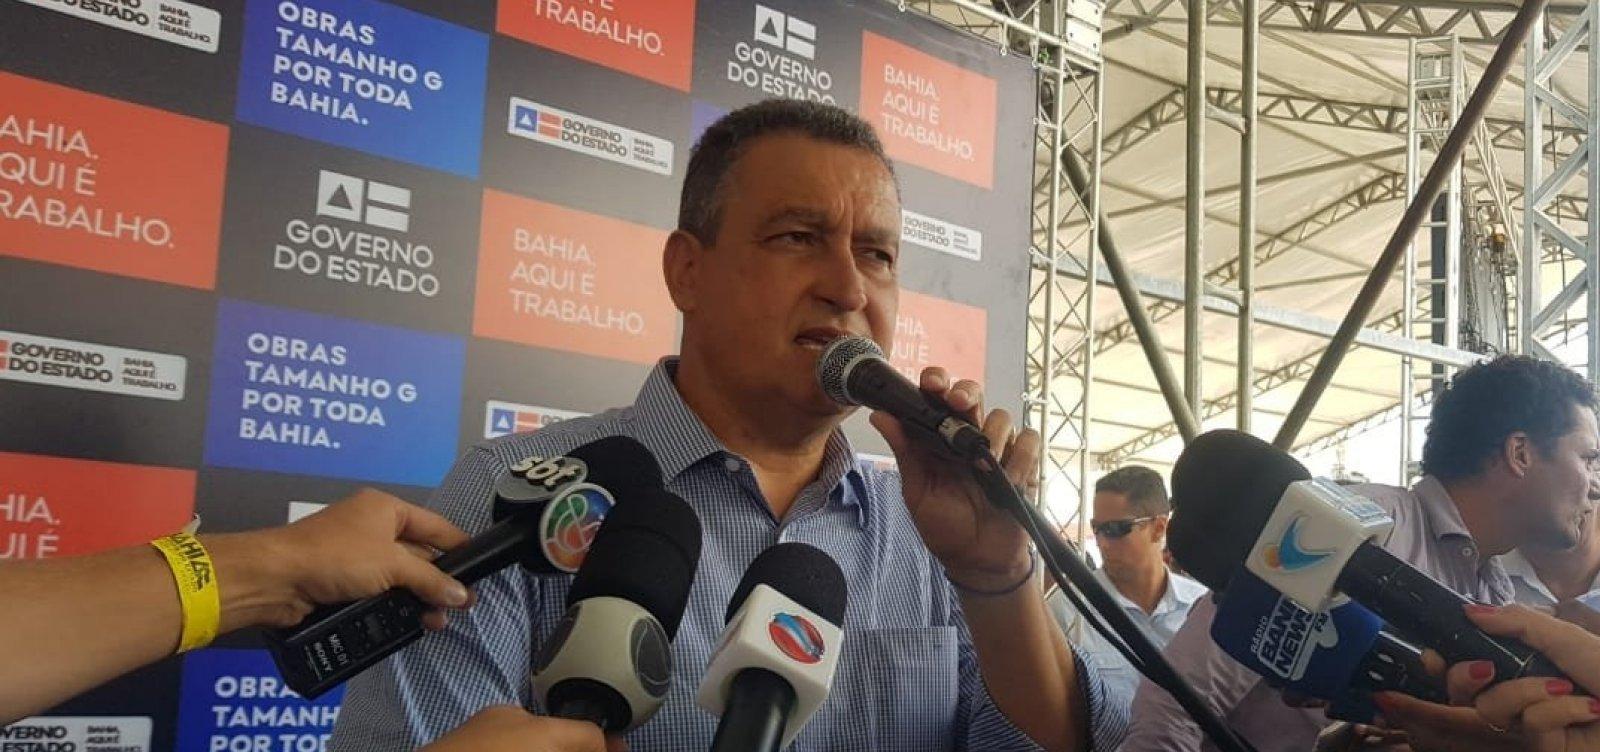 Rui rebate deputado do PSL que chamou Bahia de 'lixo governado pelo PT'